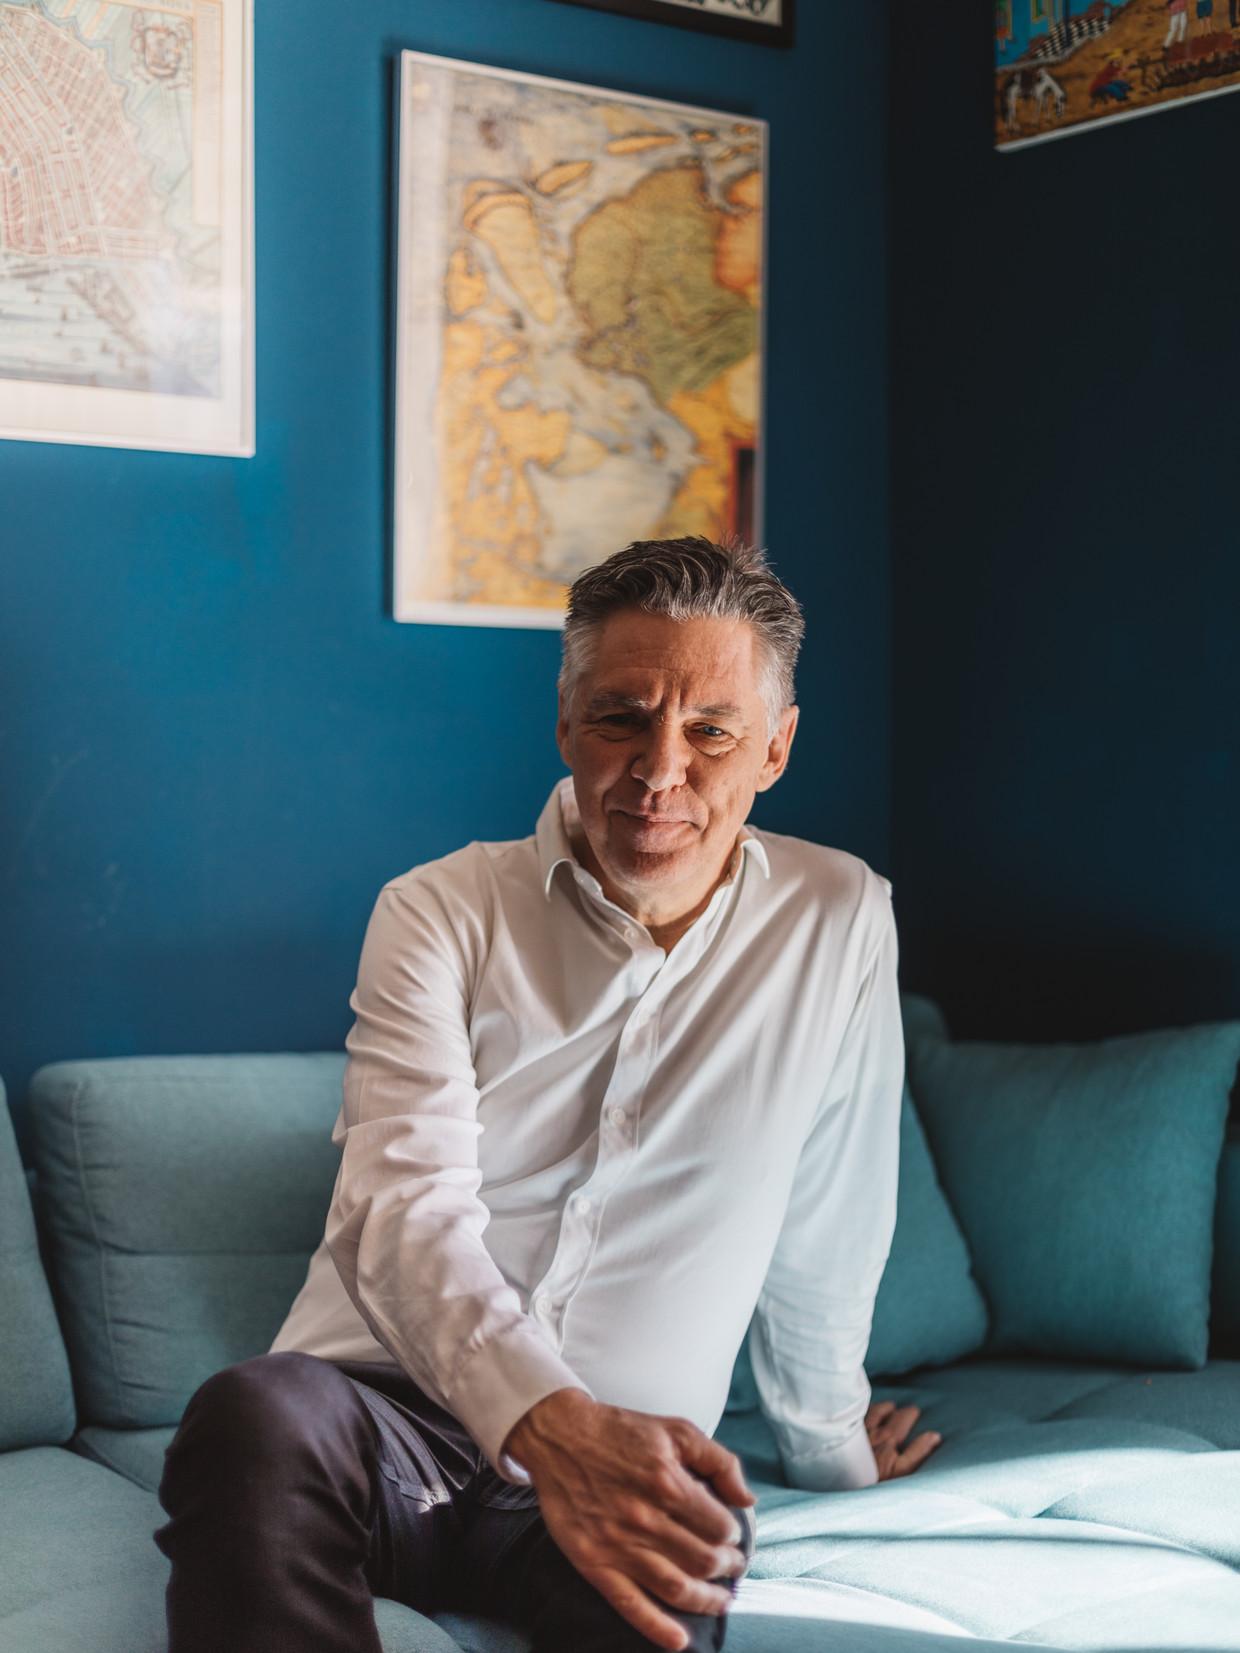 De Nederlander Ruud Koopmans: 'In België vindt meer dan de helft van de moslims het fundamentalisme oké.' Beeld JULIA NIMKE